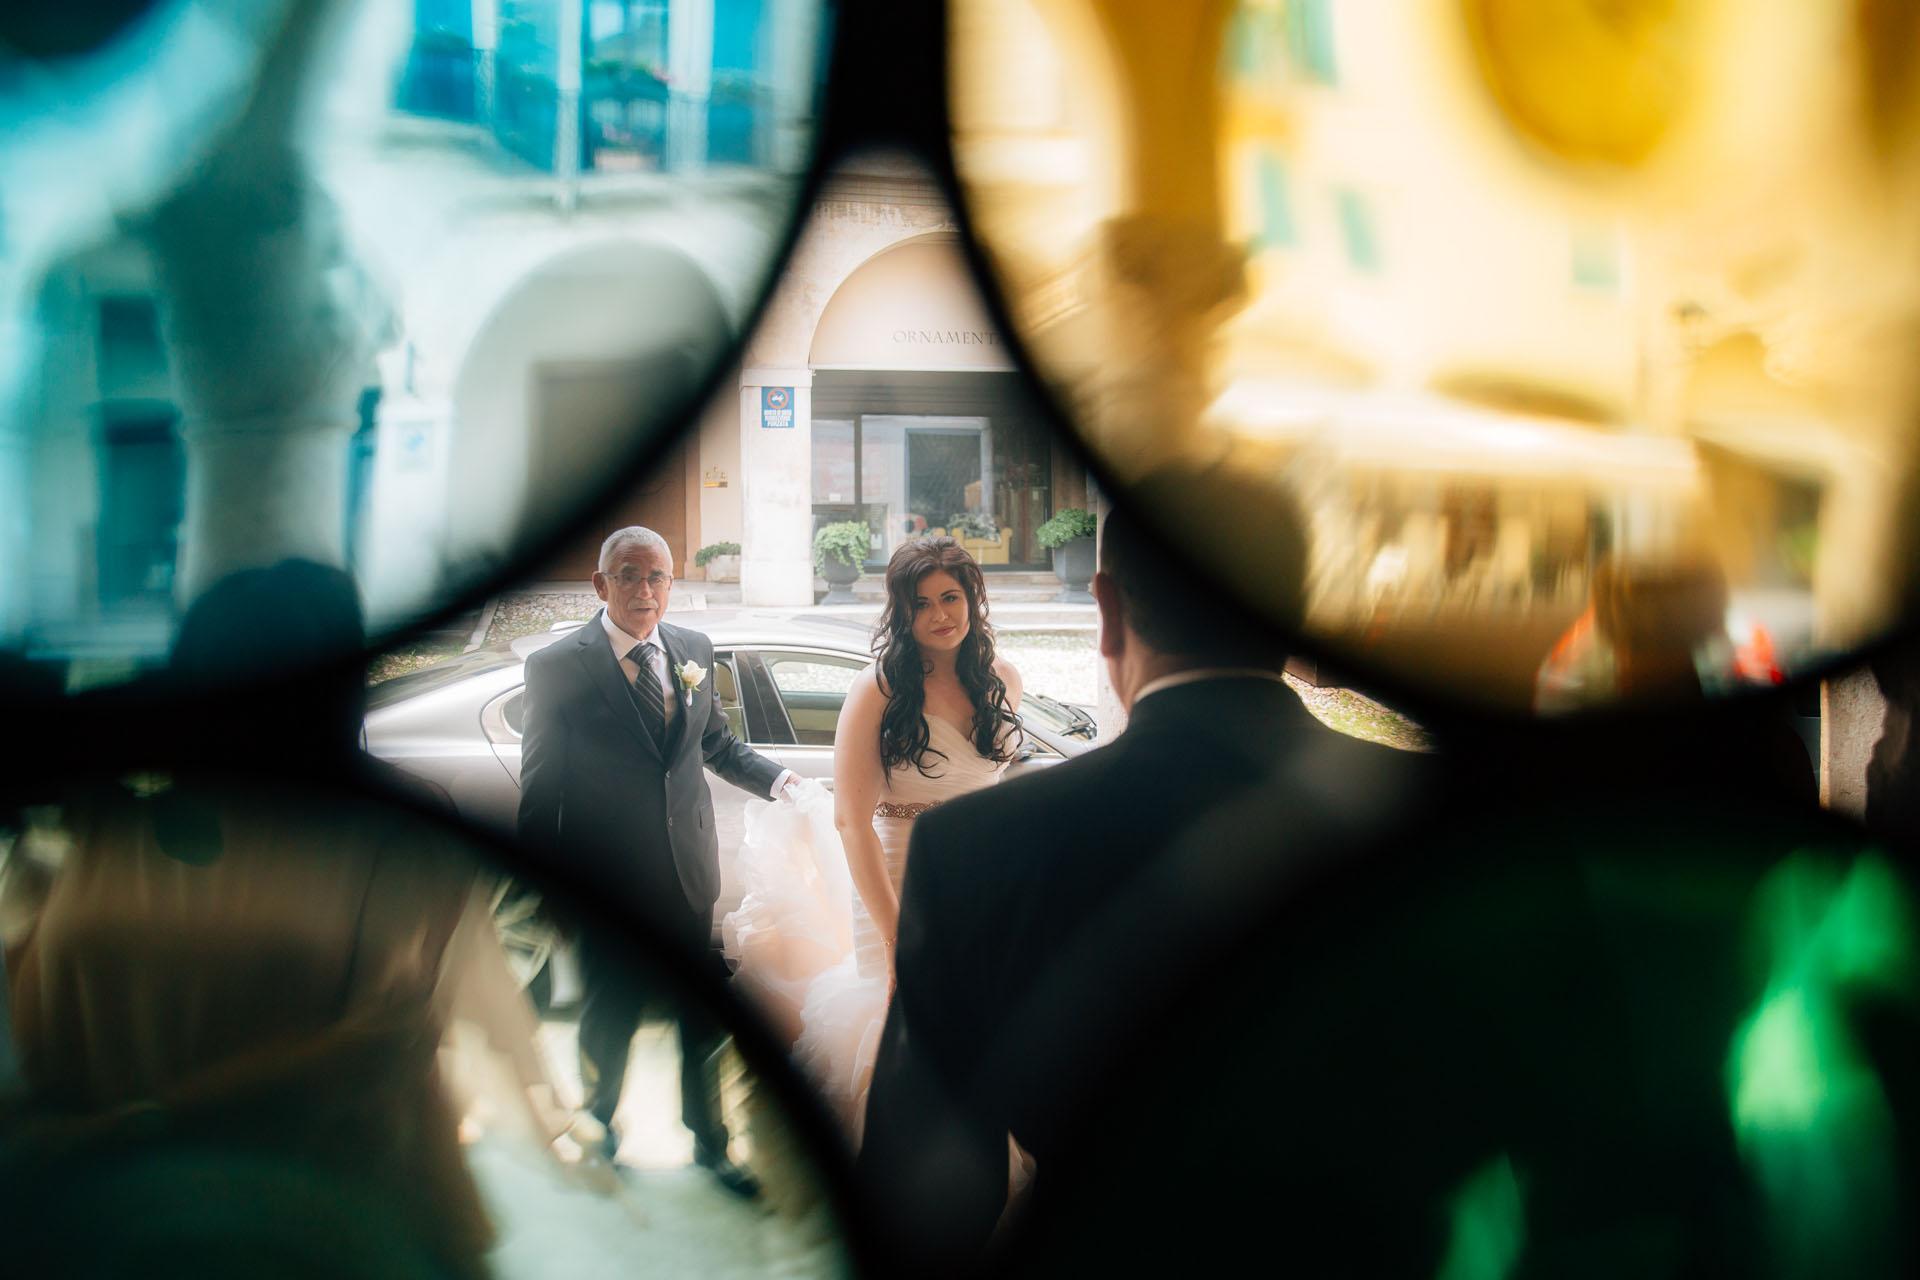 Jessica-Jason-Riflessi-Weddingdestination-Storytelling-Renato-Zanette-Fotografo-Convento-San-Francesco-Conegliano-Treviso-Veneto